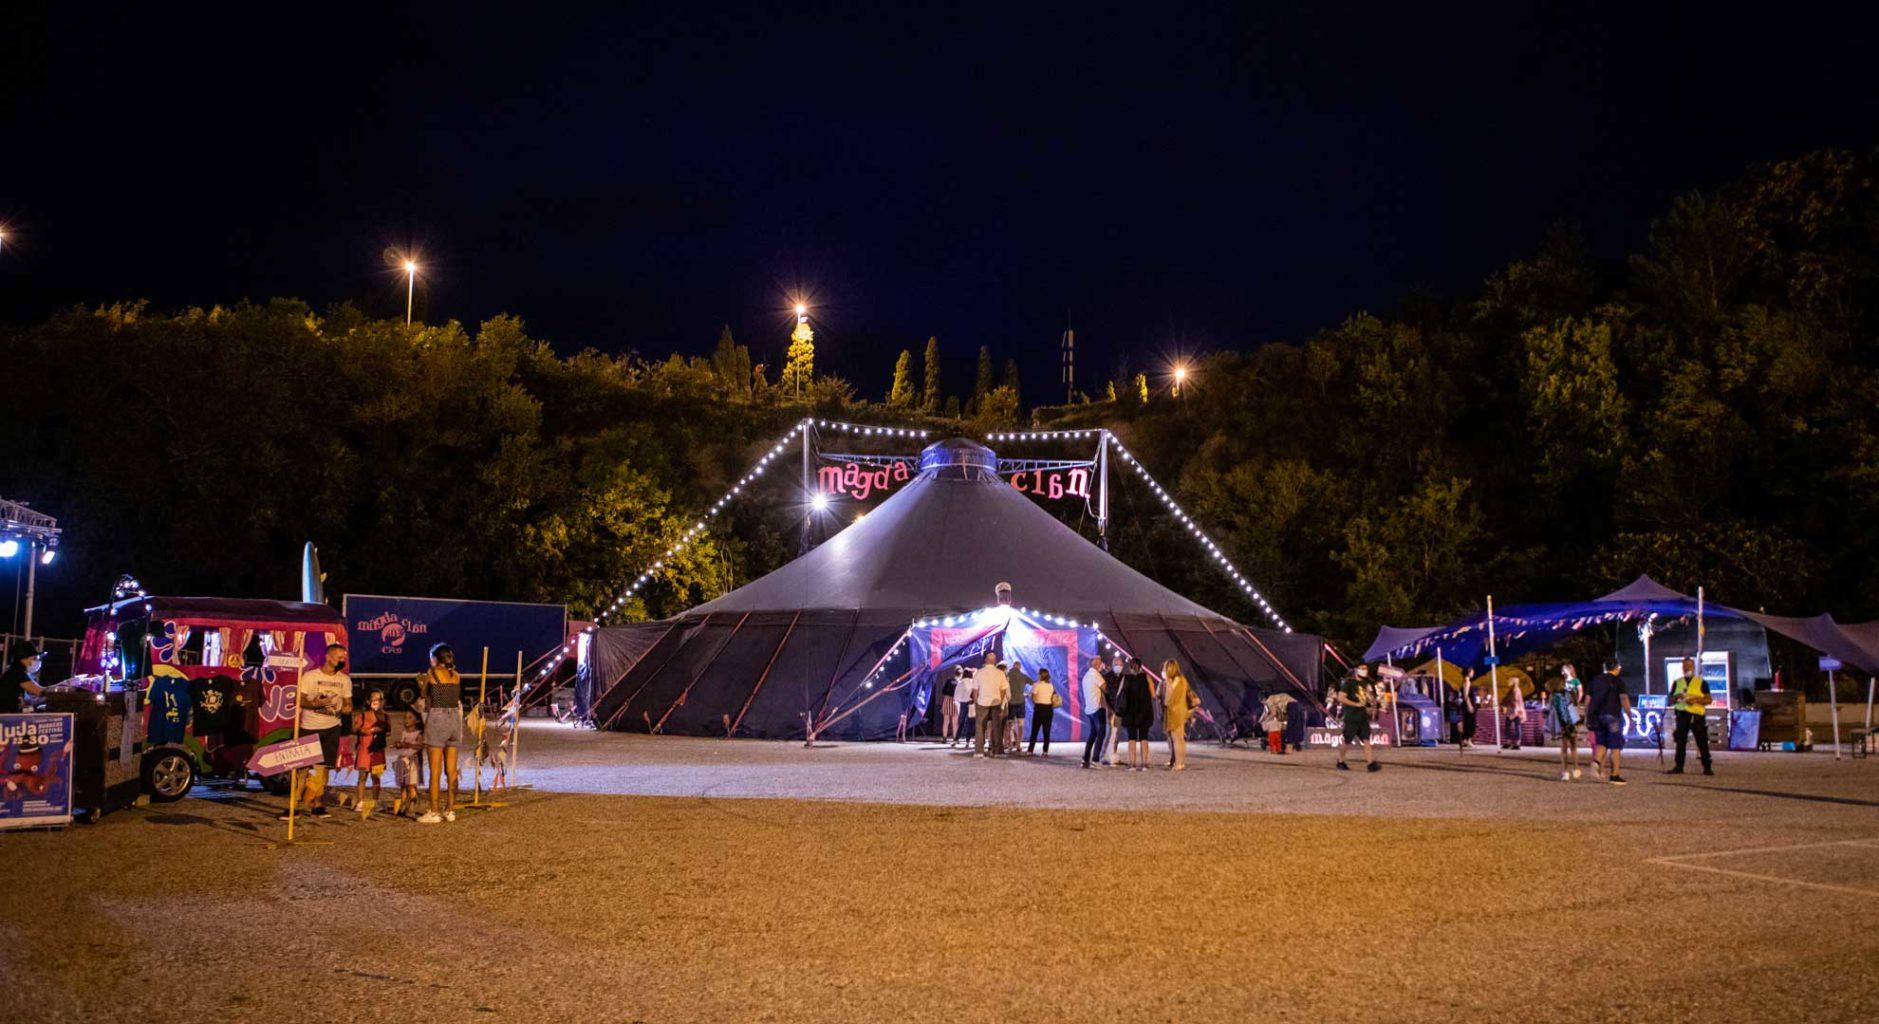 Circo Magdaclan - Muja Buskers festival - Credits: Roberta Paolucci